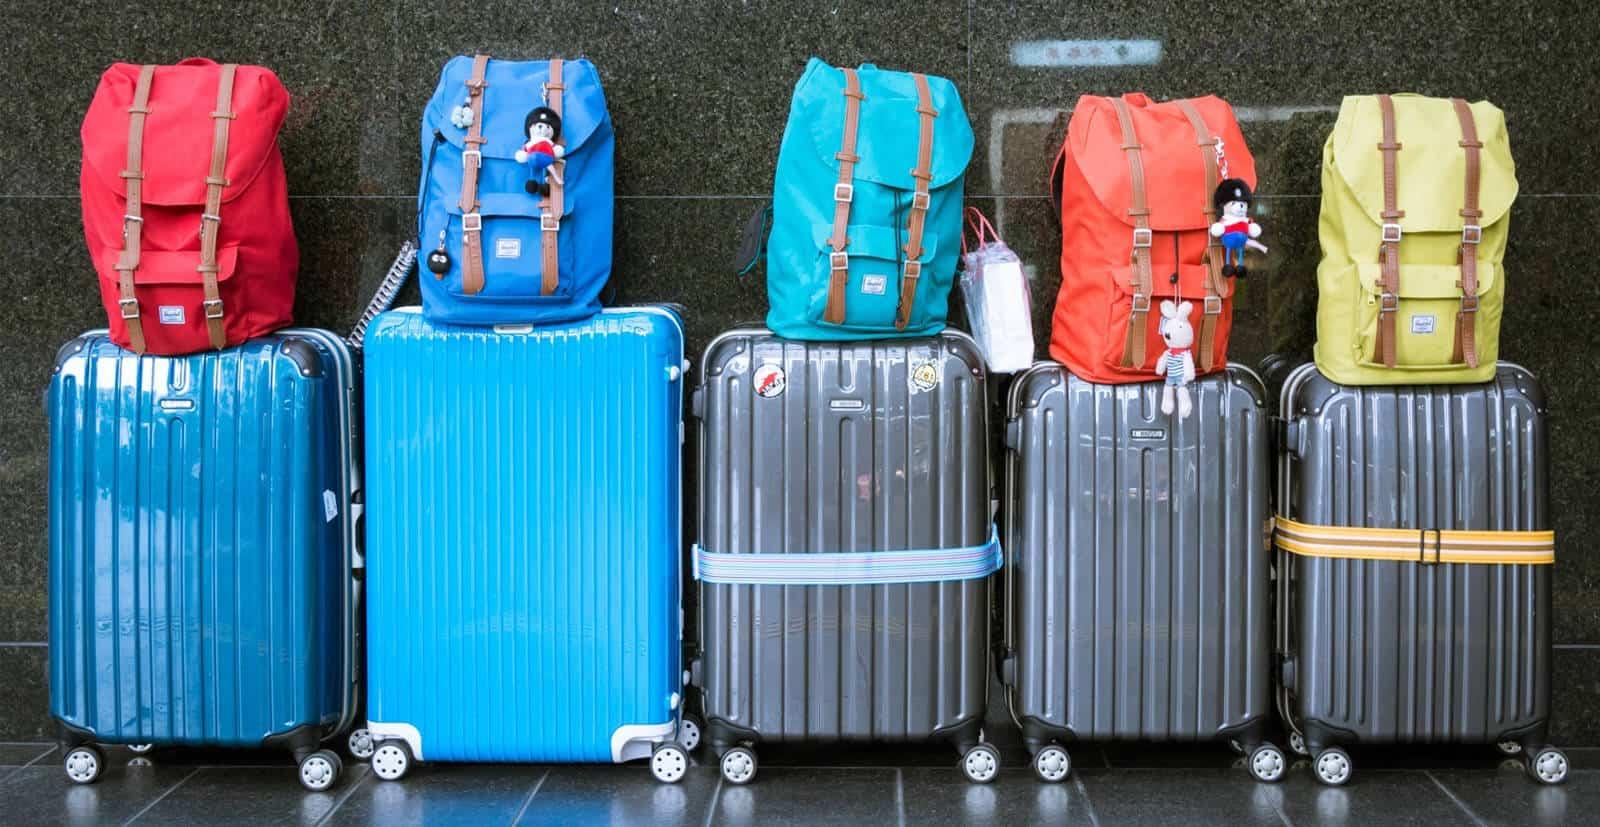 กระเป๋าเดินทางขนาดใหญ่